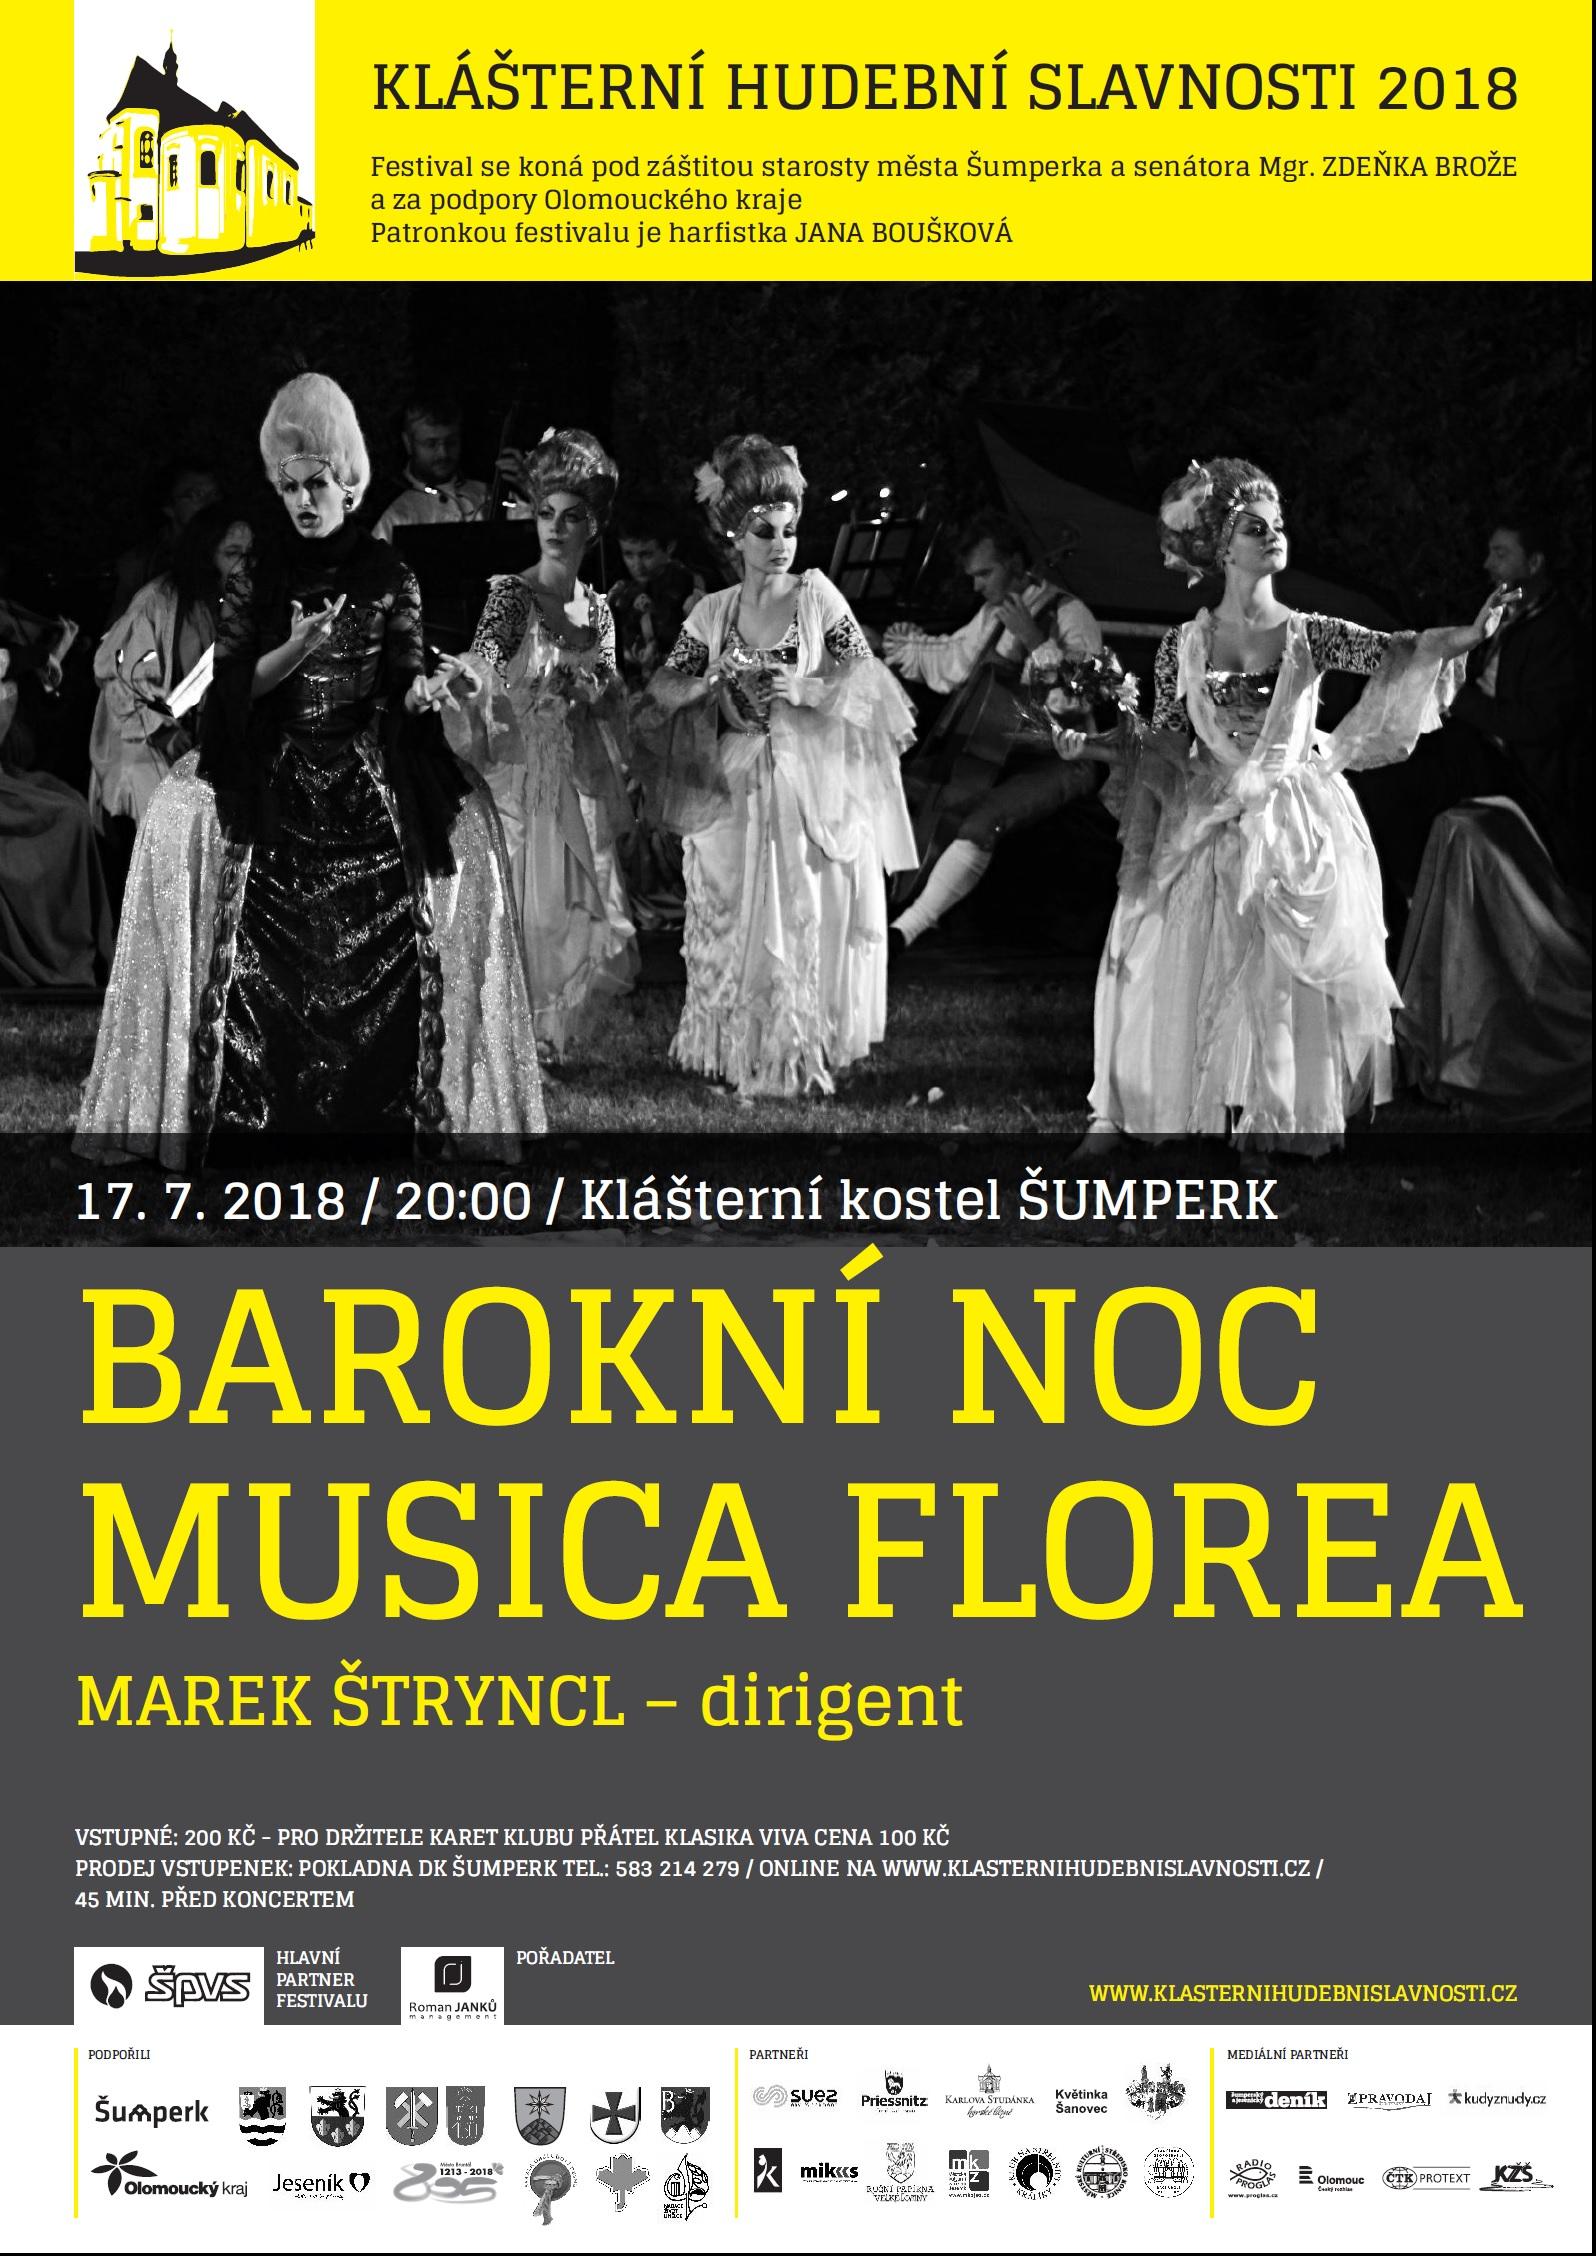 Barokní noc